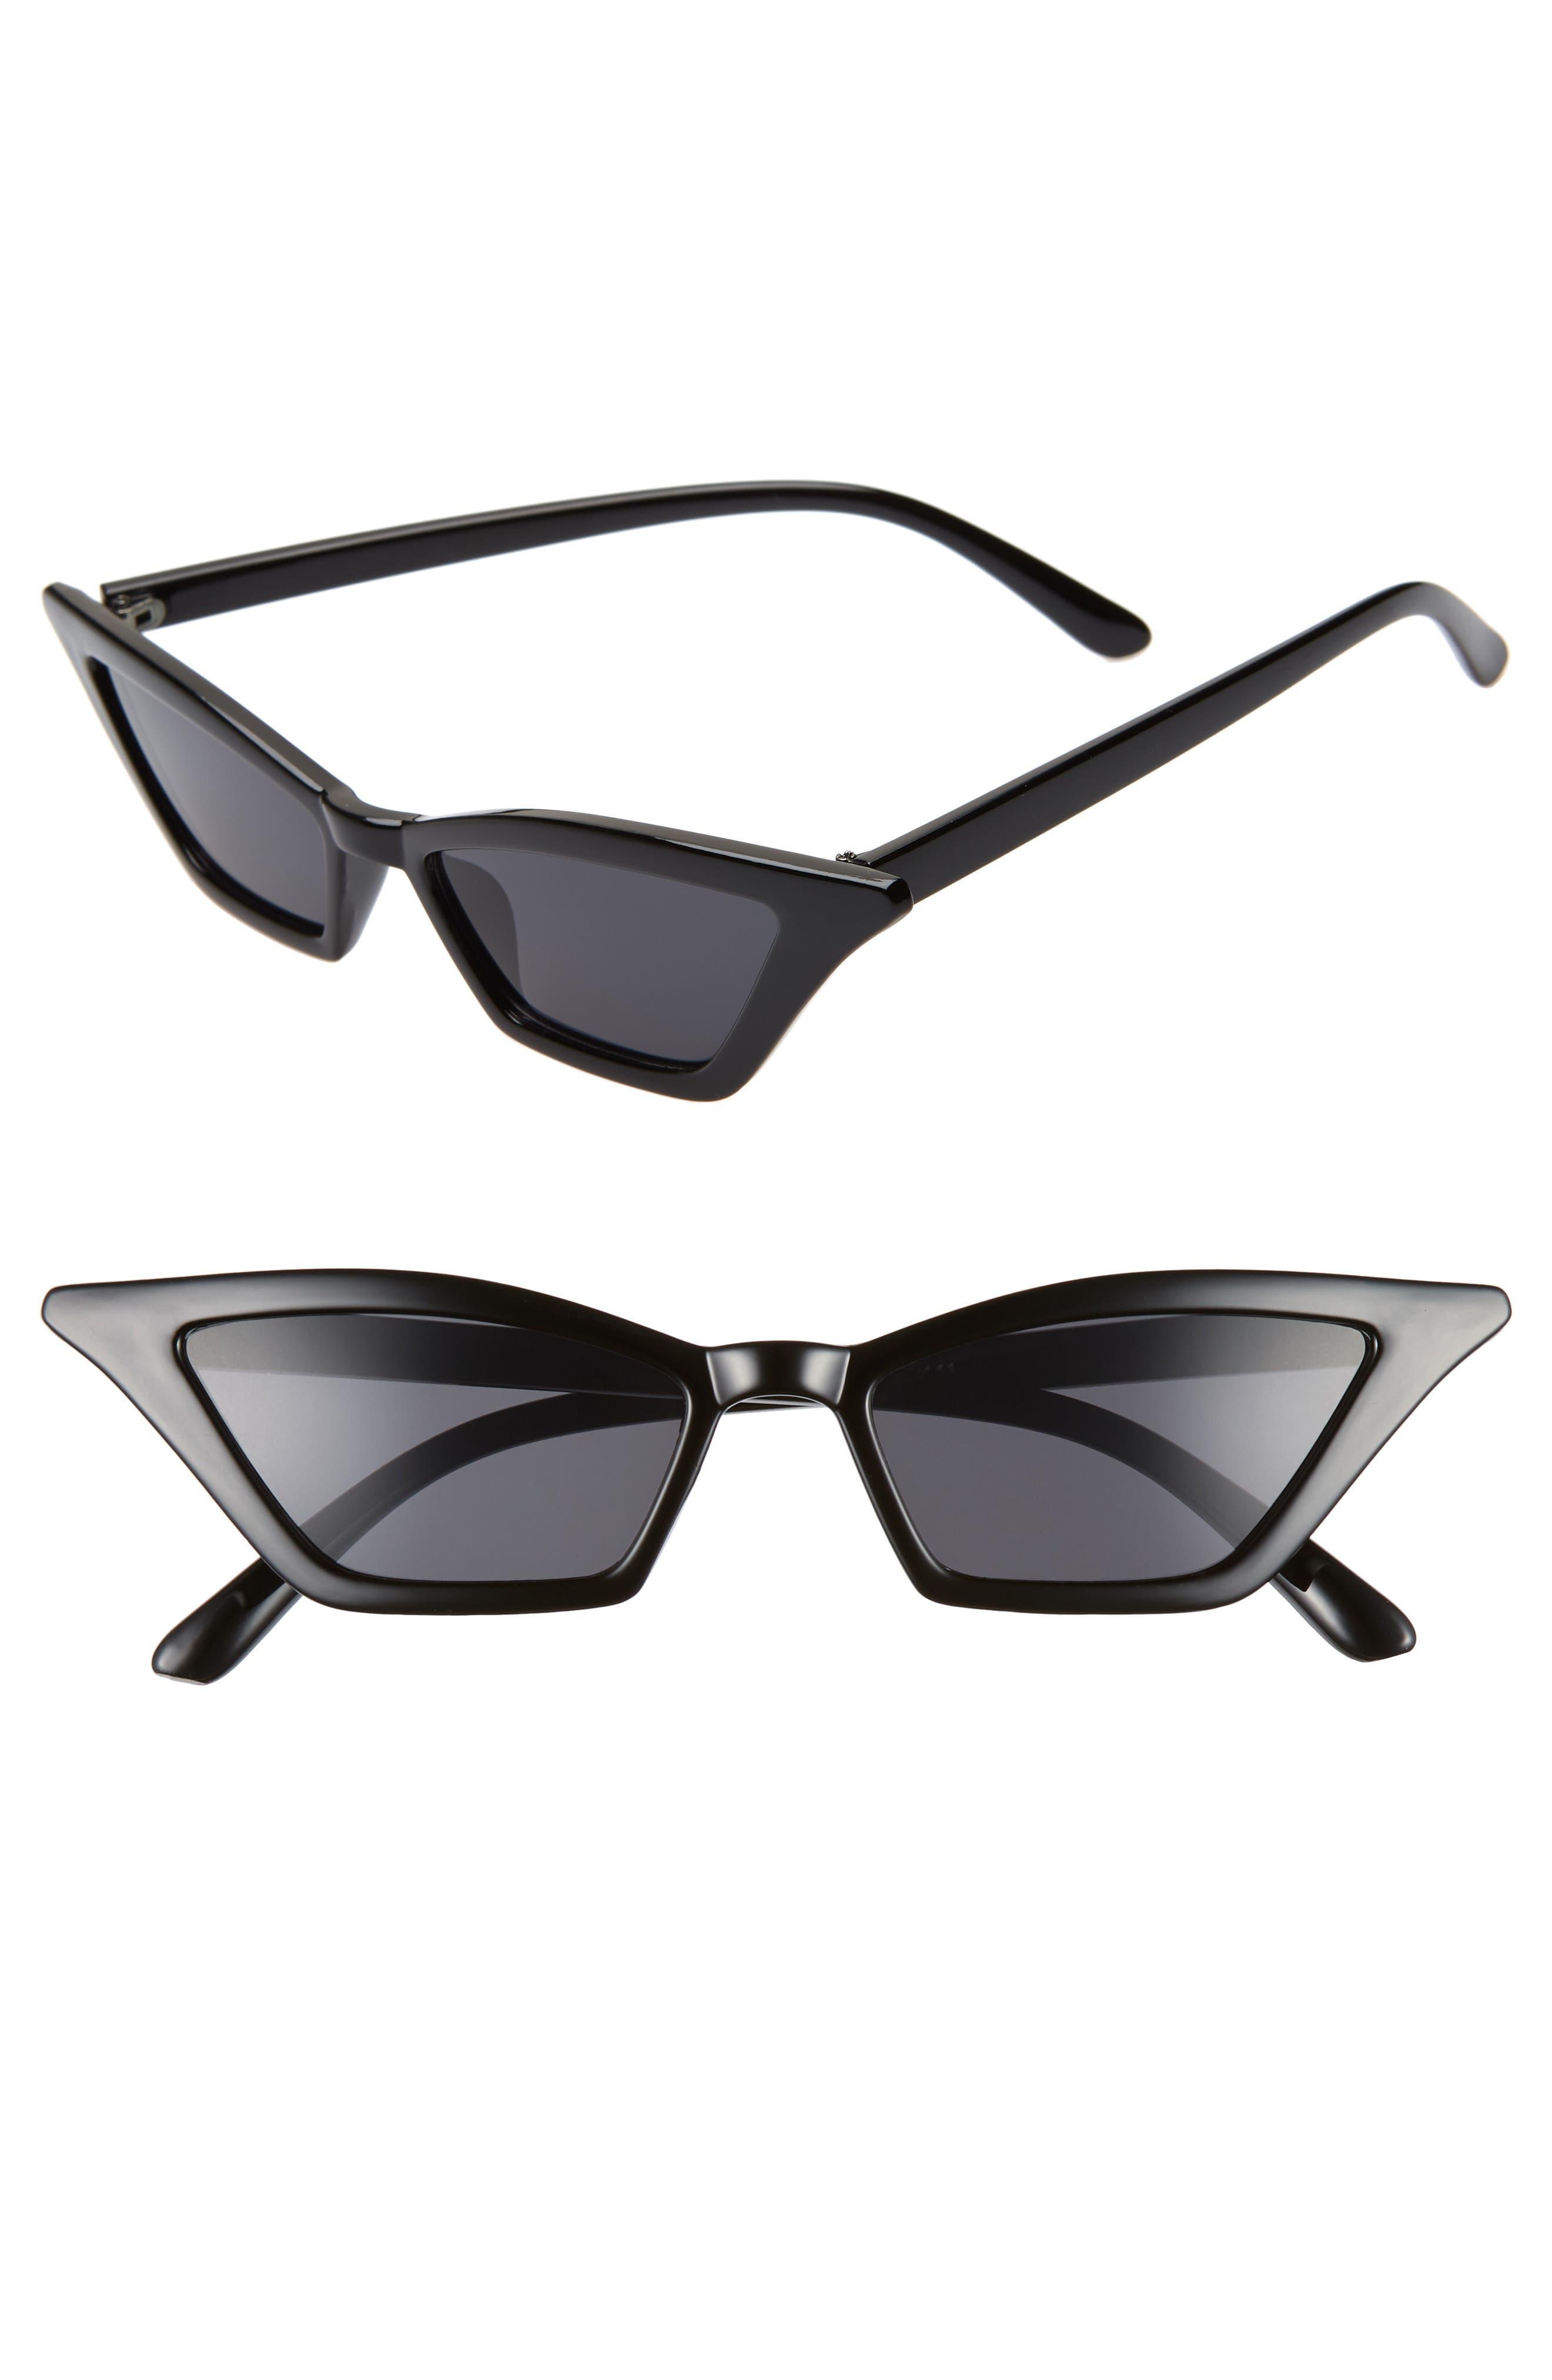 54mm Geometric Sunglasses,                             Main thumbnail 1, color,                             BLACK/ BLACK